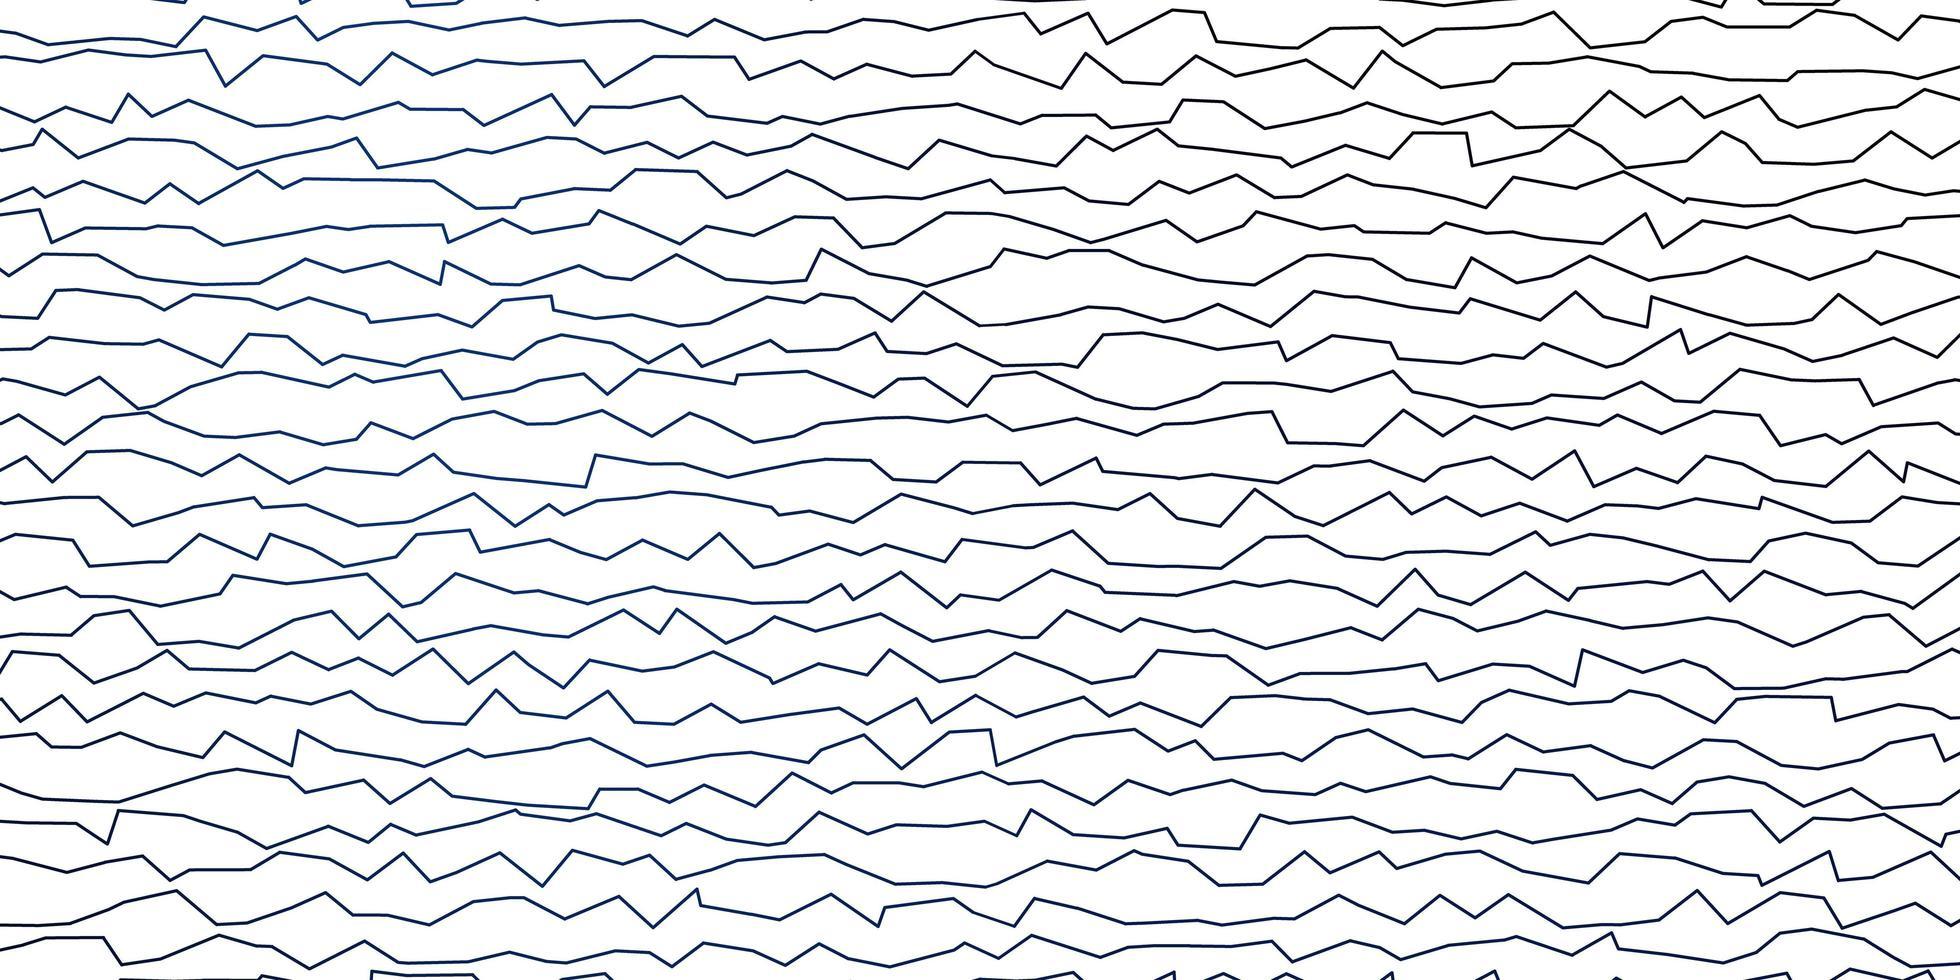 mörkblå vektorbakgrund med böjda linjer vektor